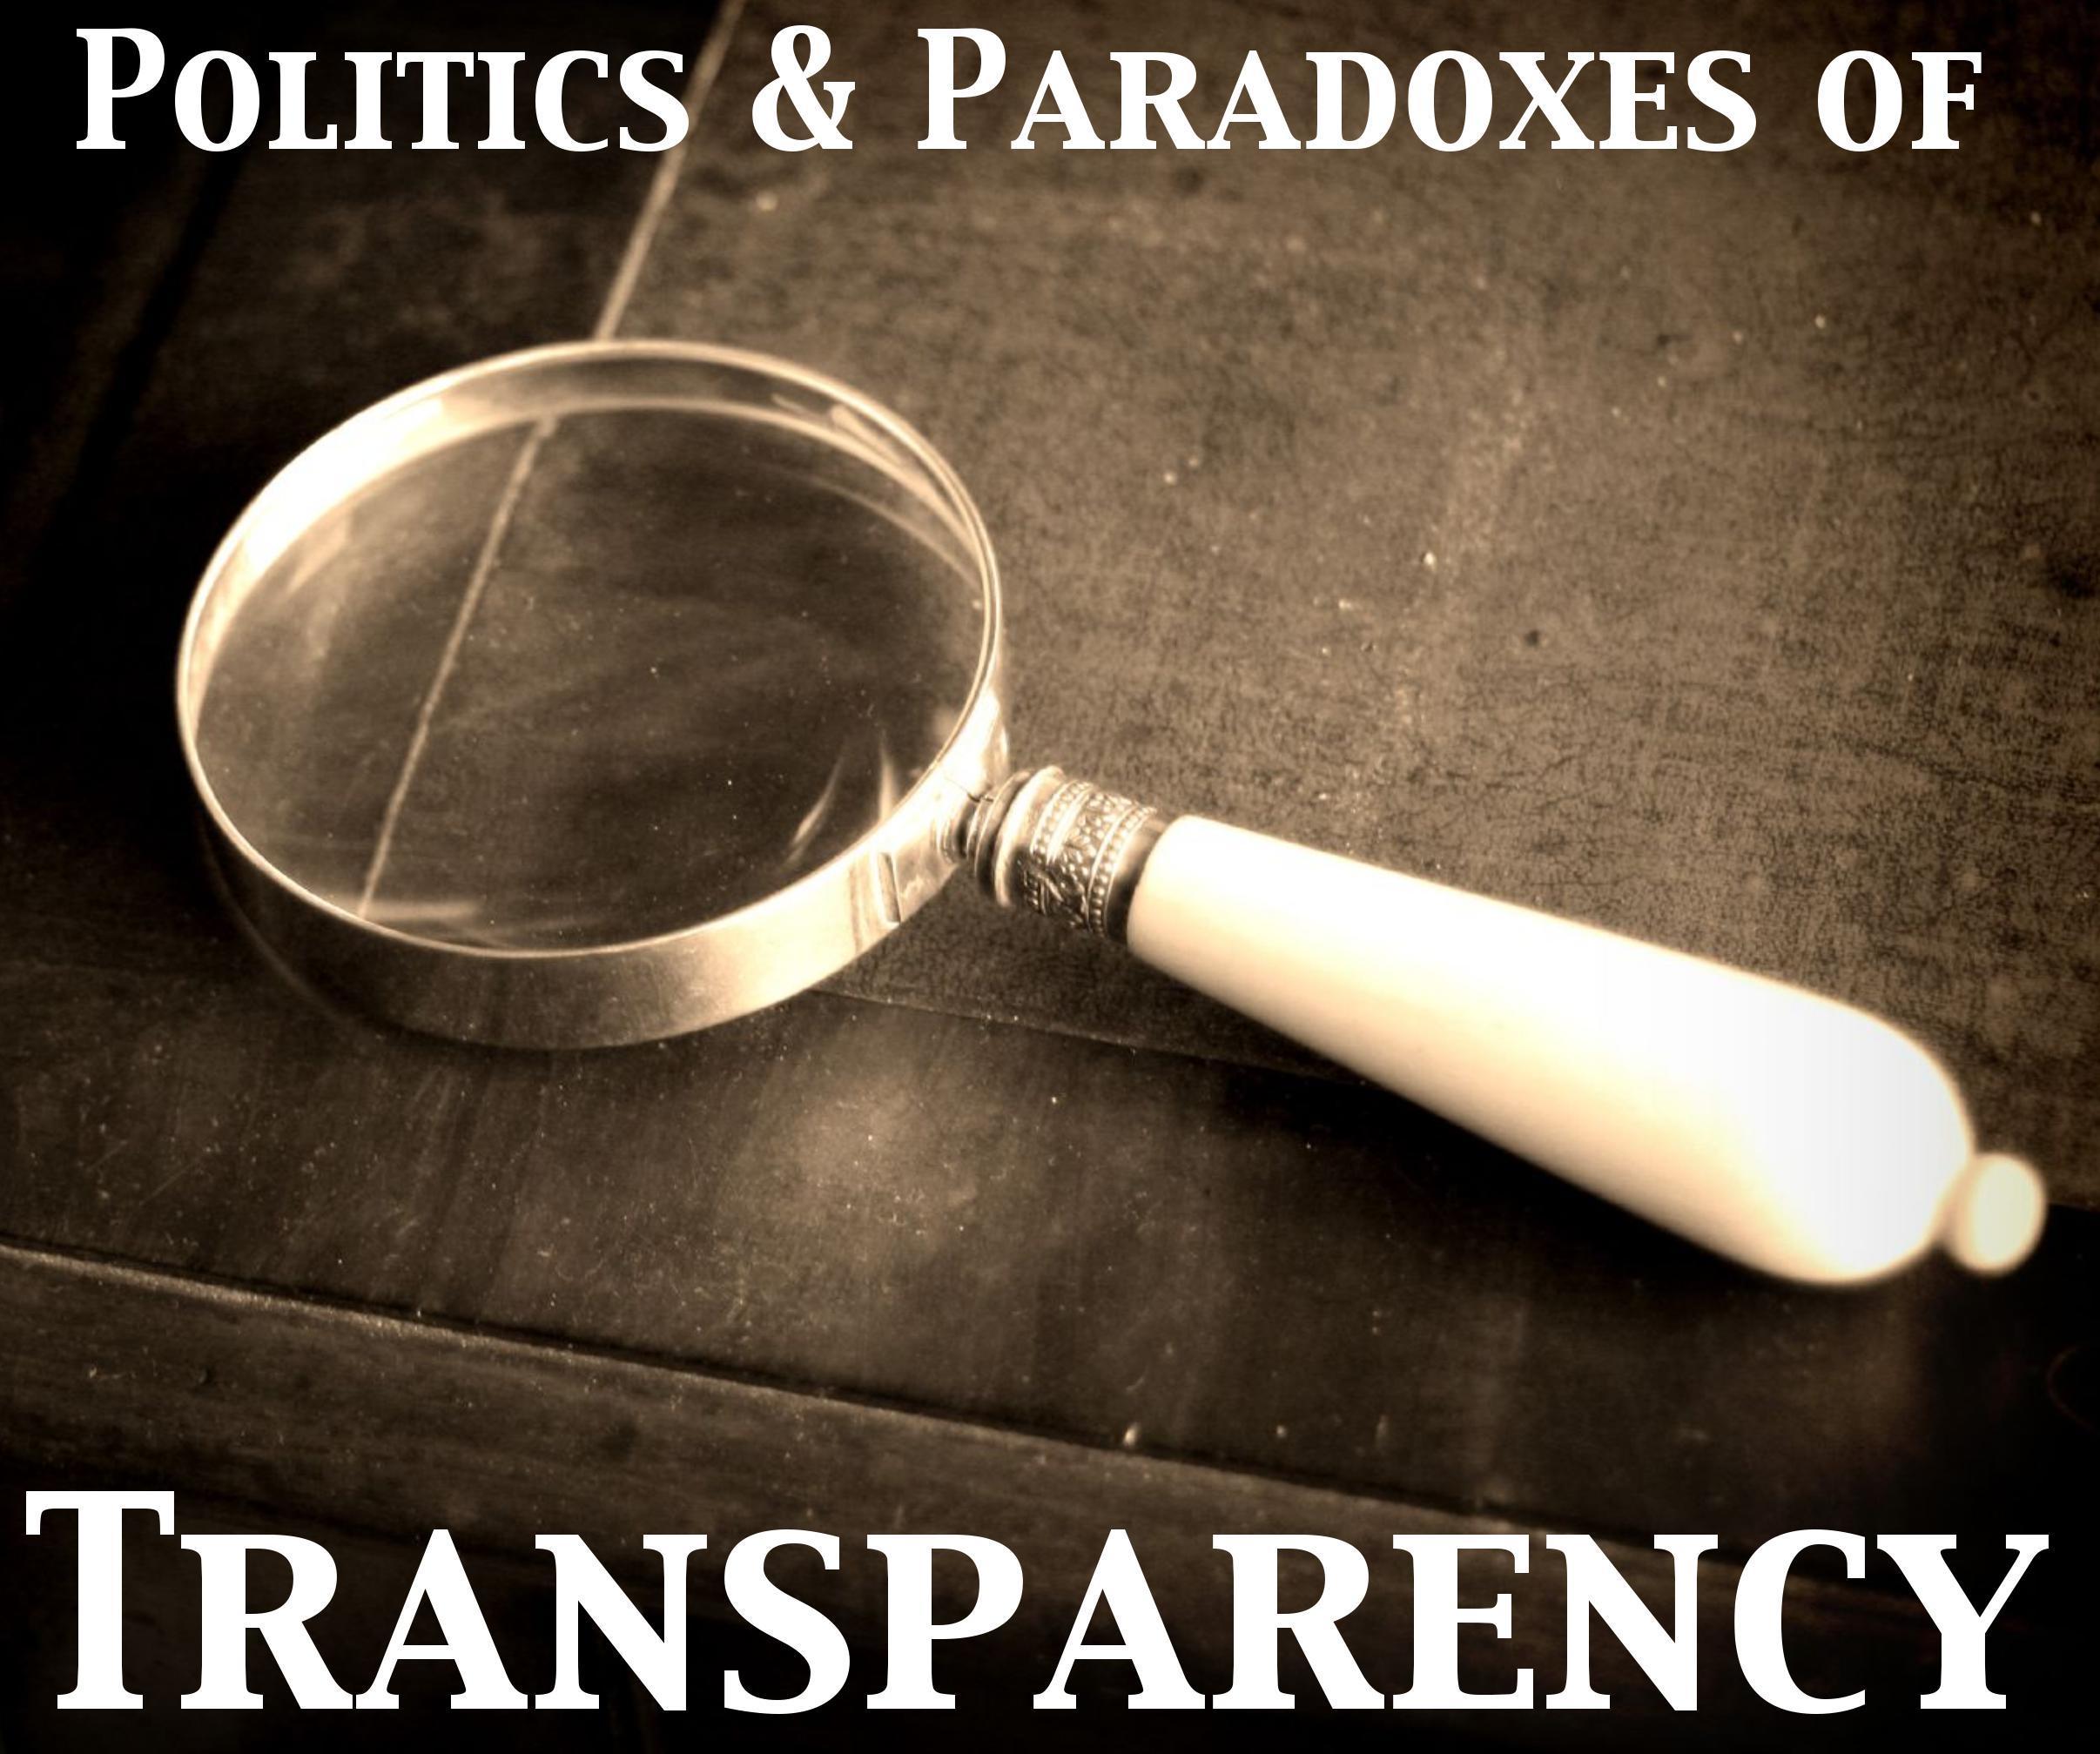 Transparencyportrait